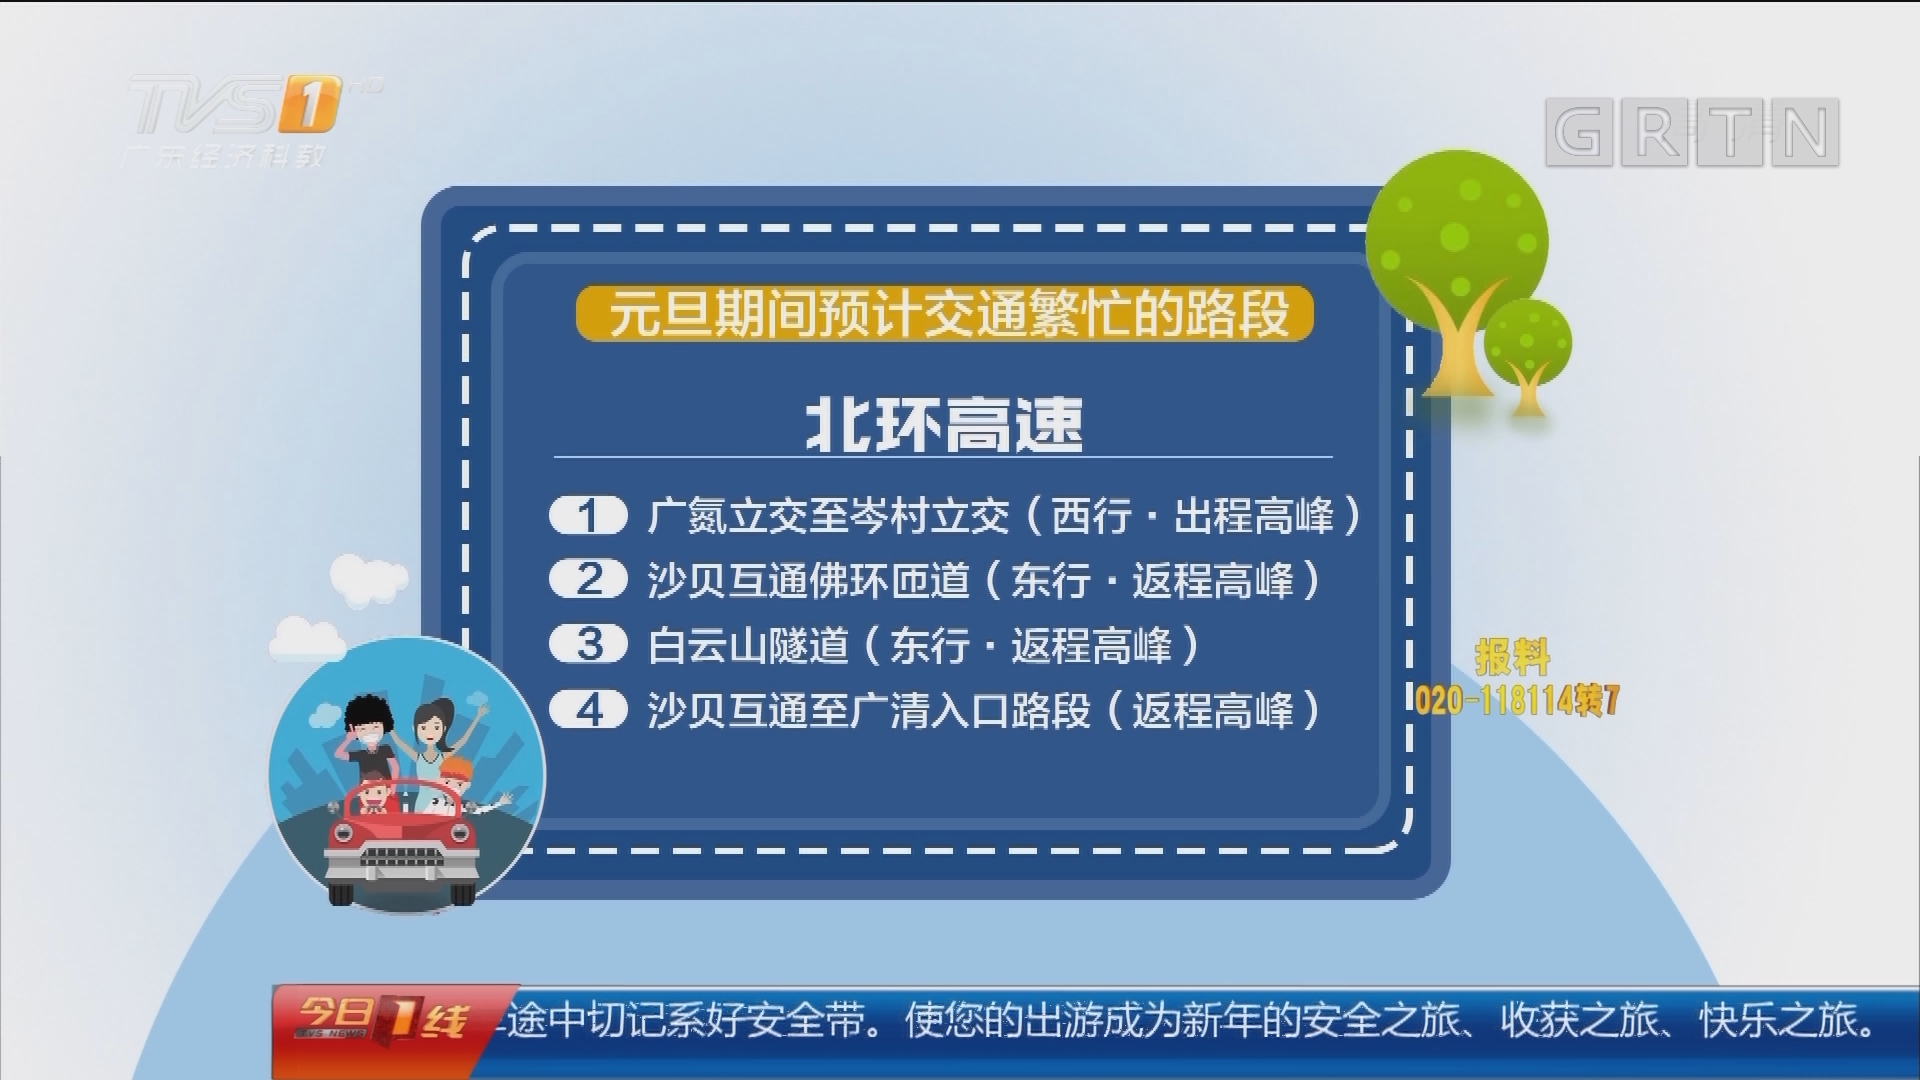 """节假日出行提醒:广州 交警发布周边高速""""易堵路段""""提醒"""